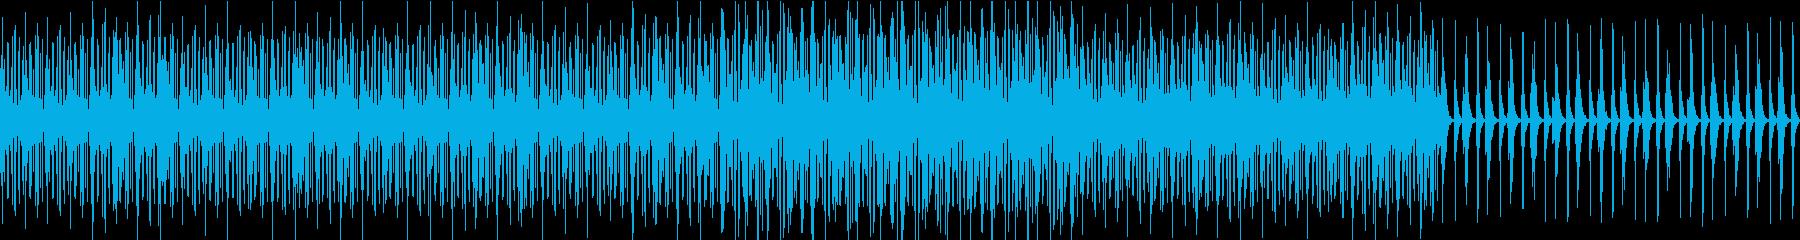 おだやか/アンビエント/展示会/アトリエの再生済みの波形